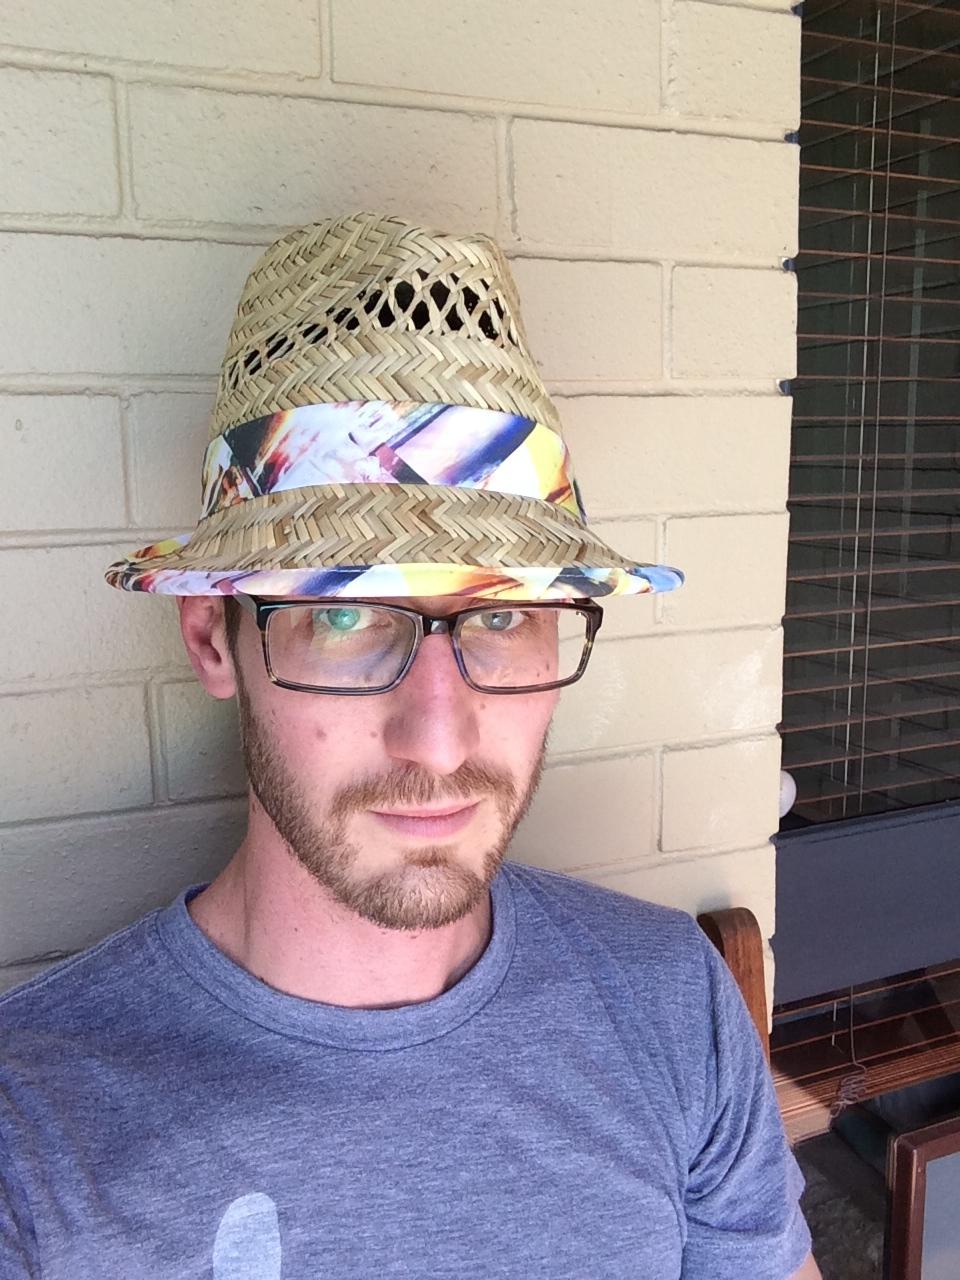 I got a hat